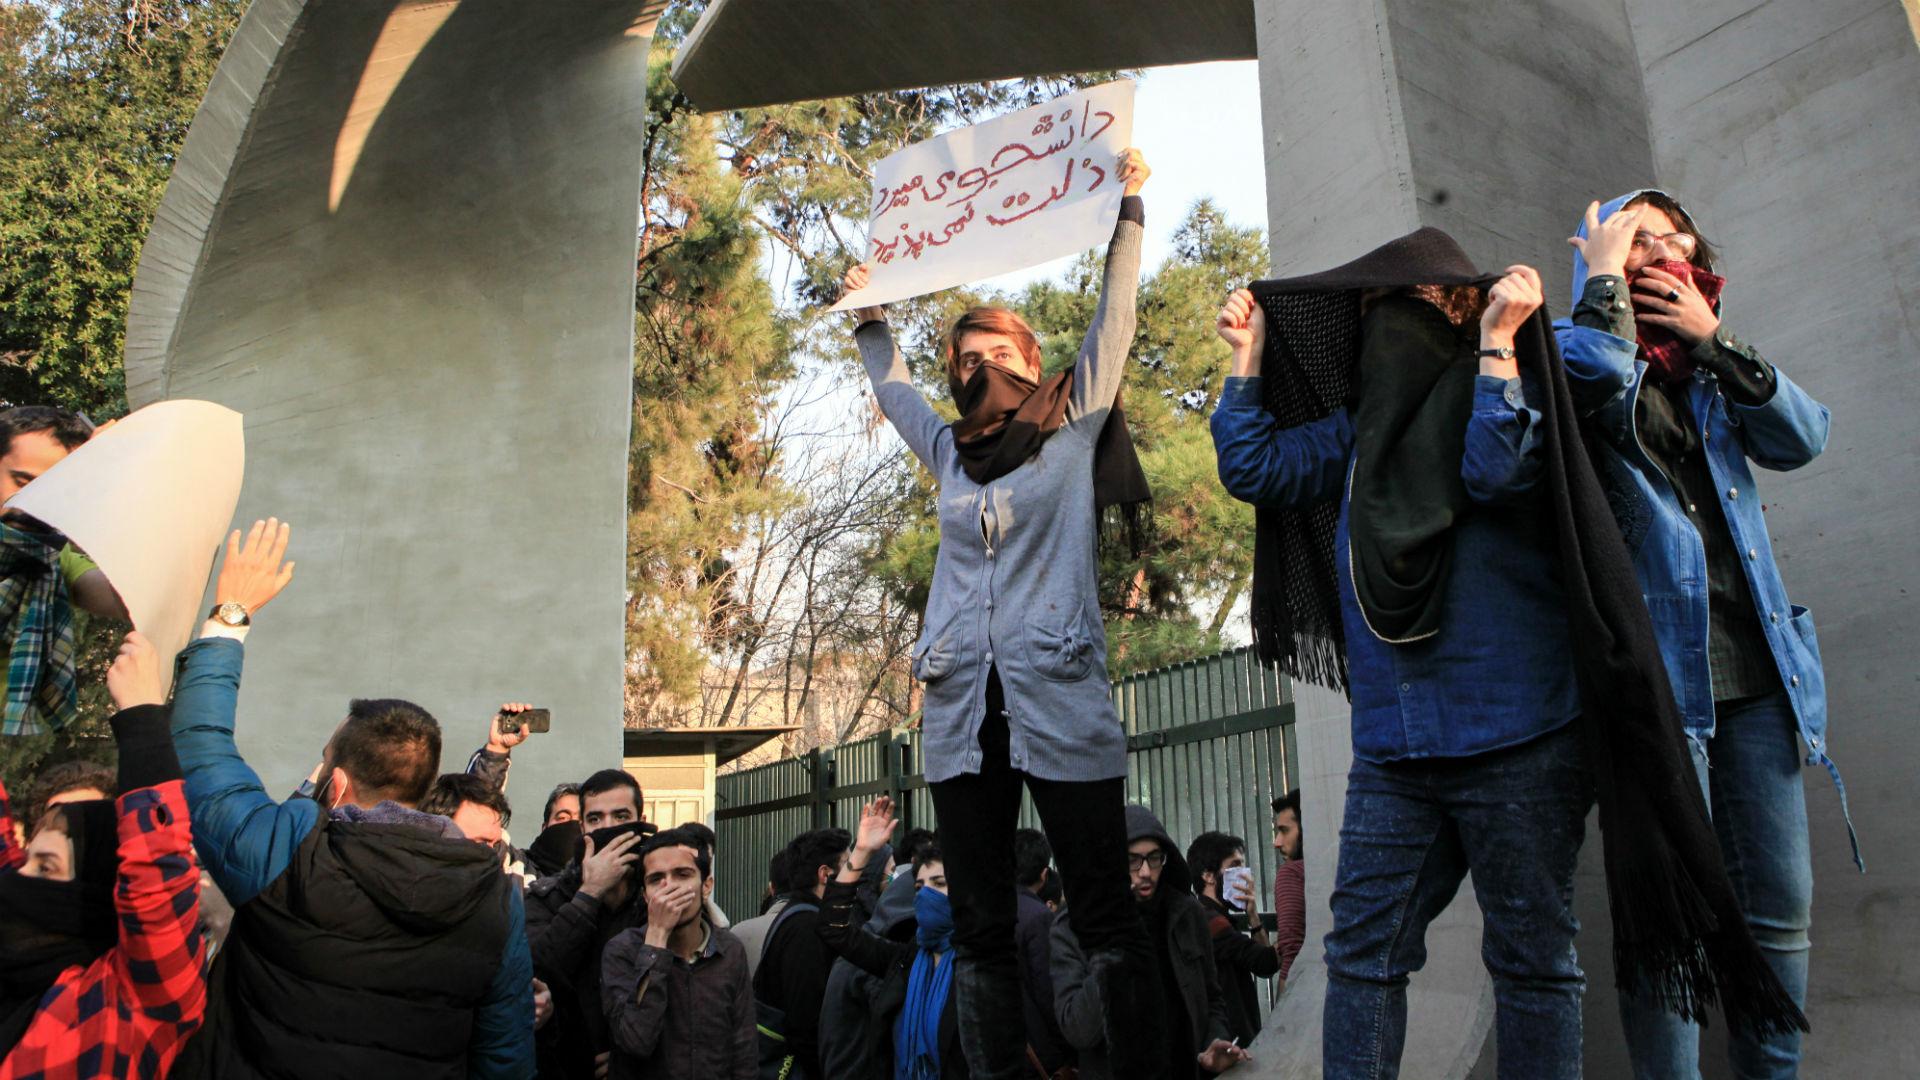 جنبش دانشجویی و سرکوب پیشگیرانه از سوی حکومت؛ راهکار دانشجویان چیست؟/ ساقی لقایی